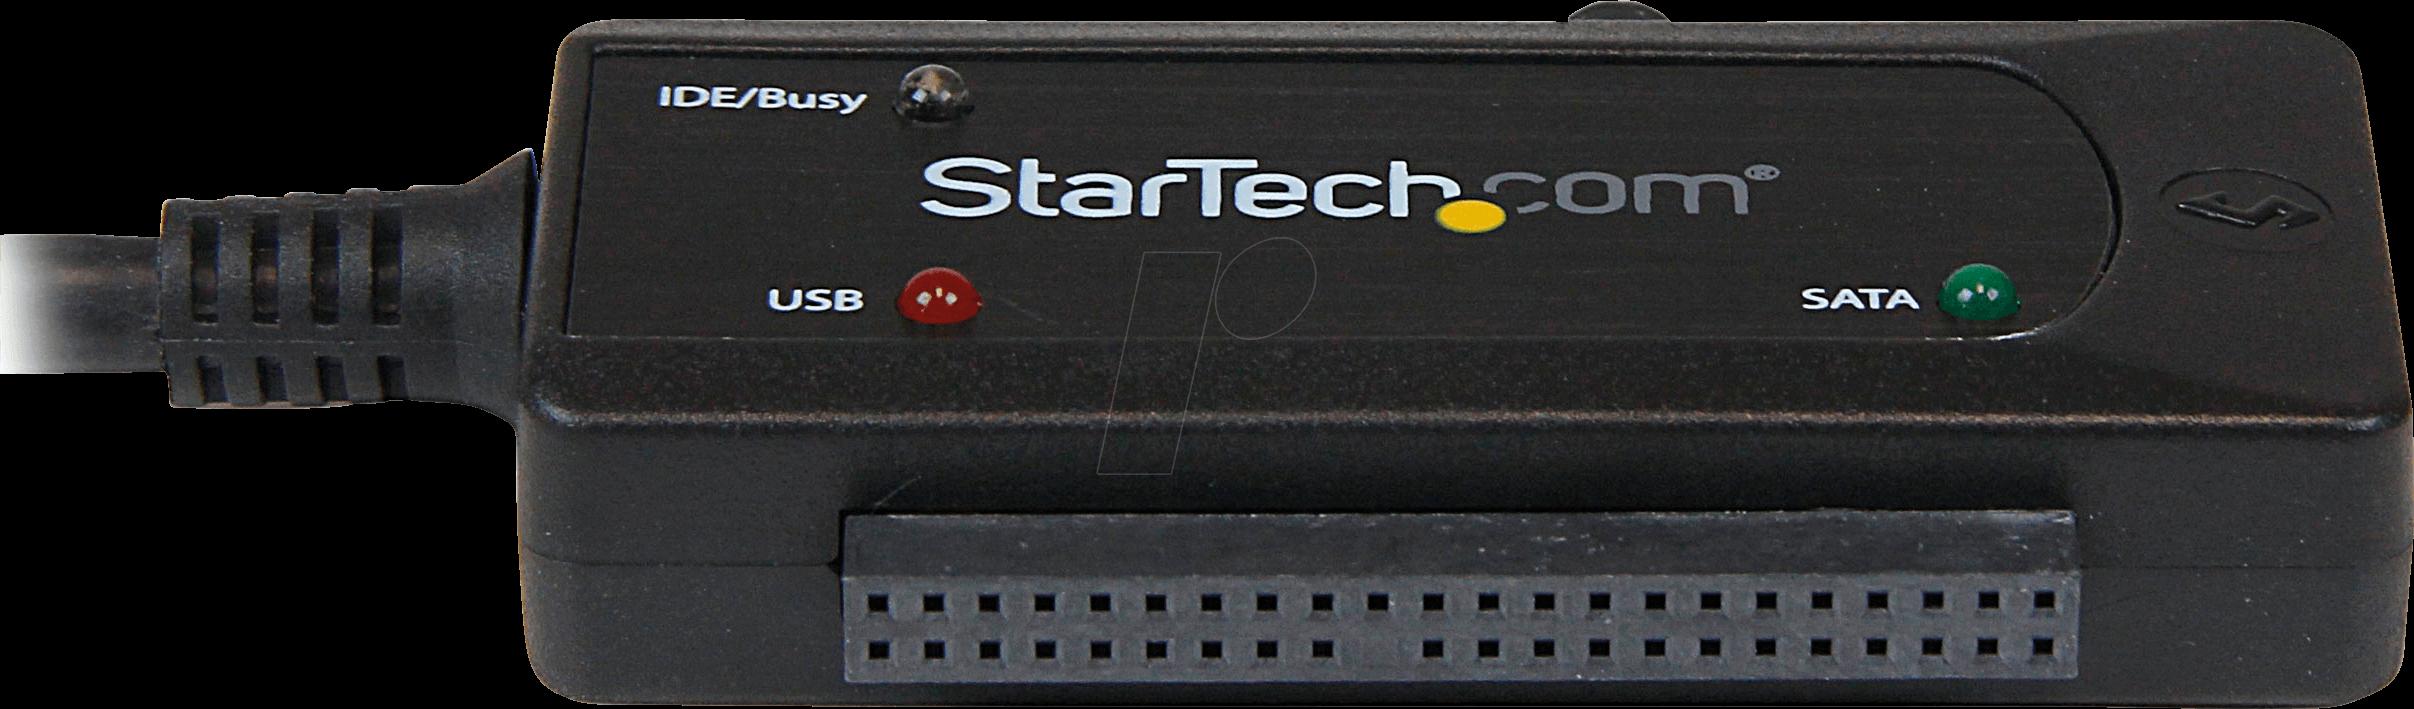 https://cdn-reichelt.de/bilder/web/xxl_ws/E910/STARTECH_USB3SSATAIDE-05.png